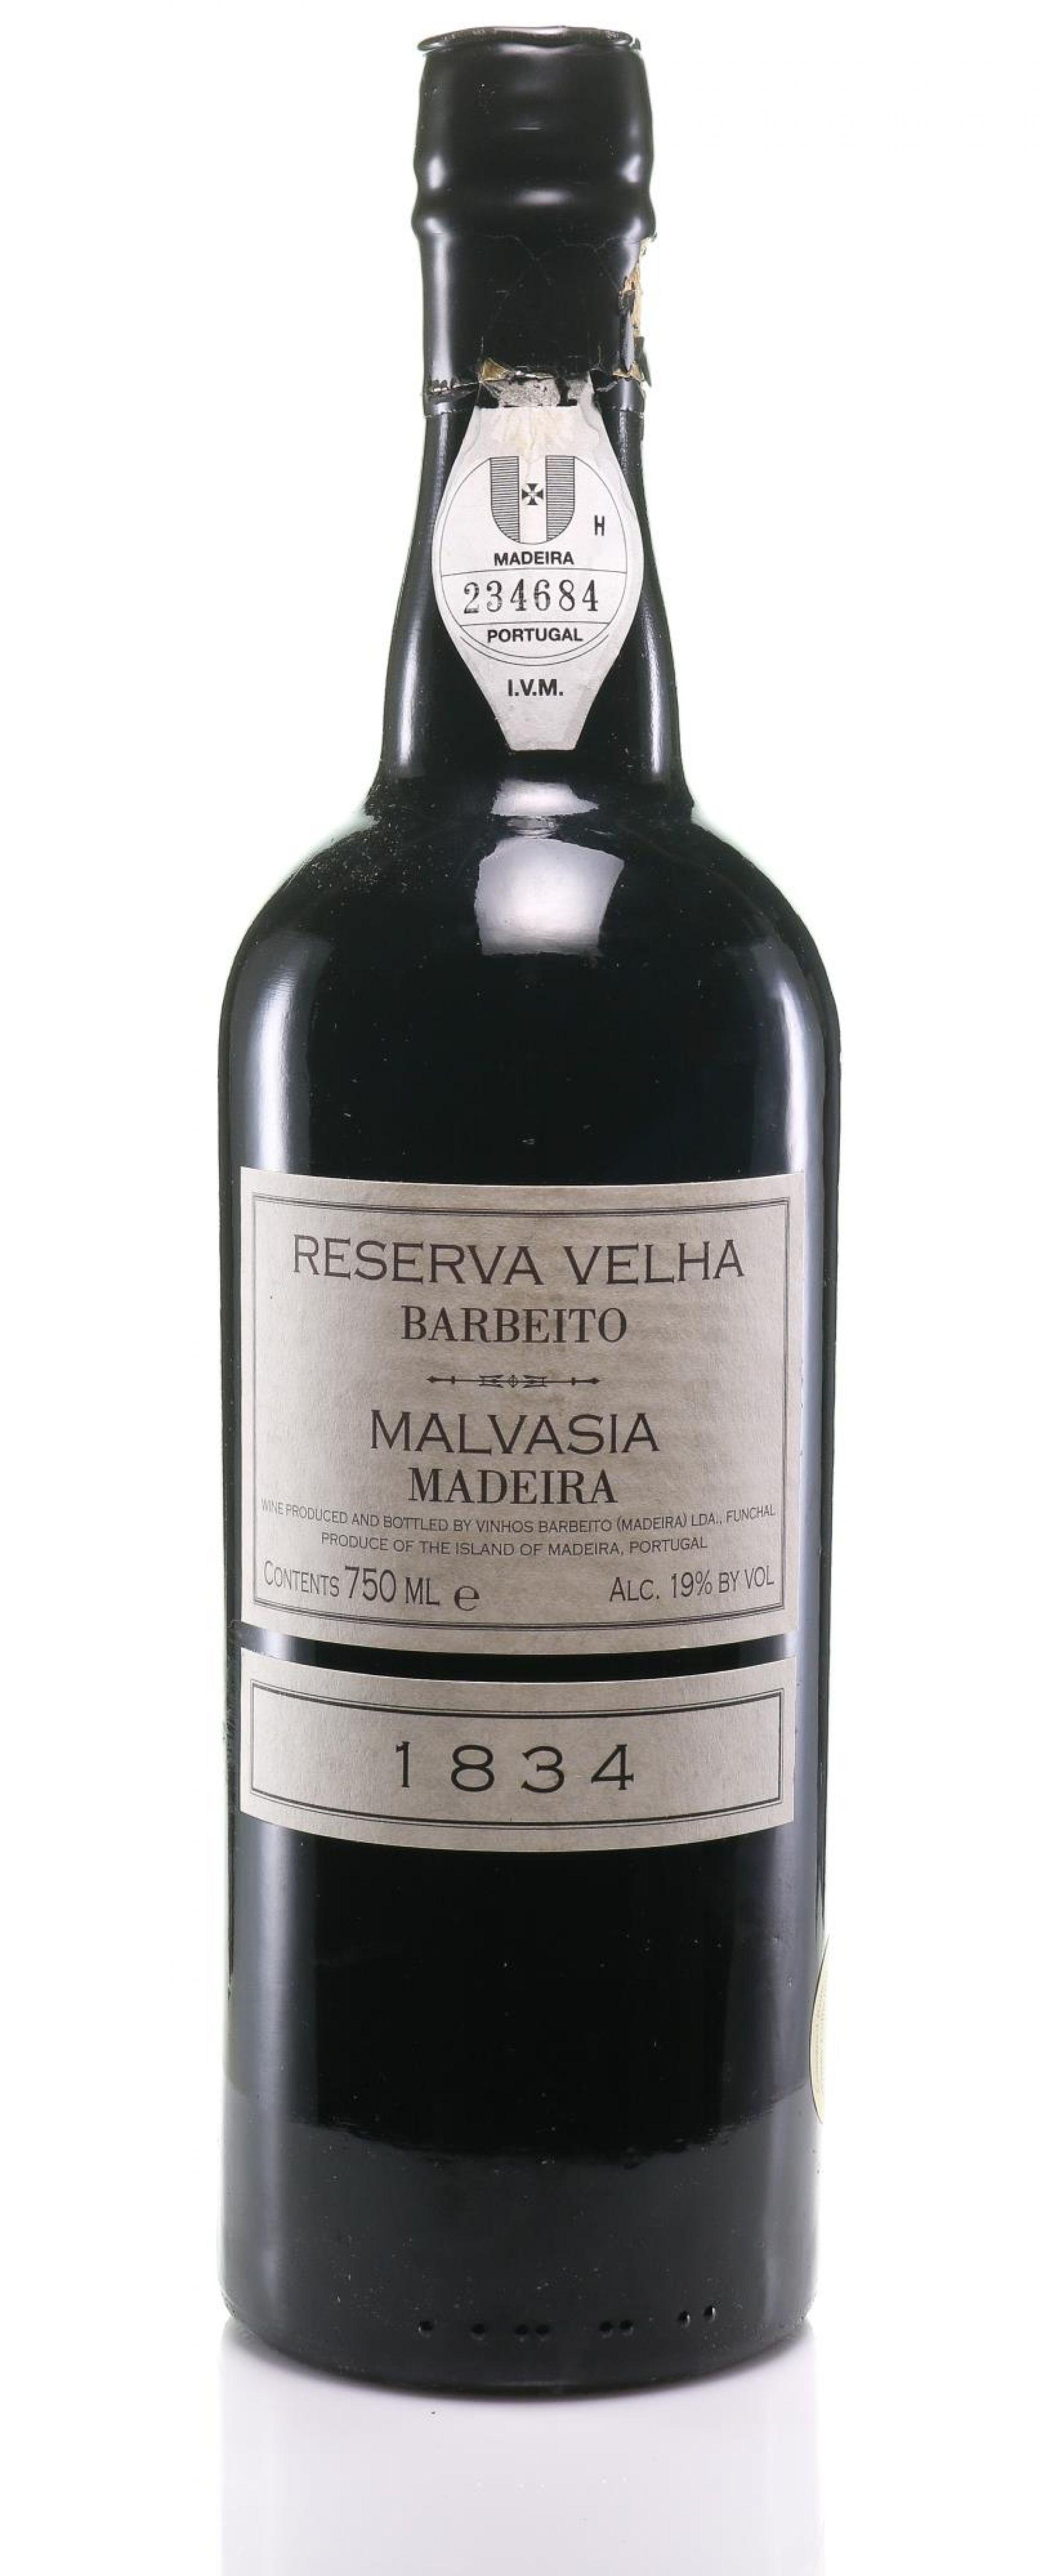 Madeira 1834 Barbeito Malvasia